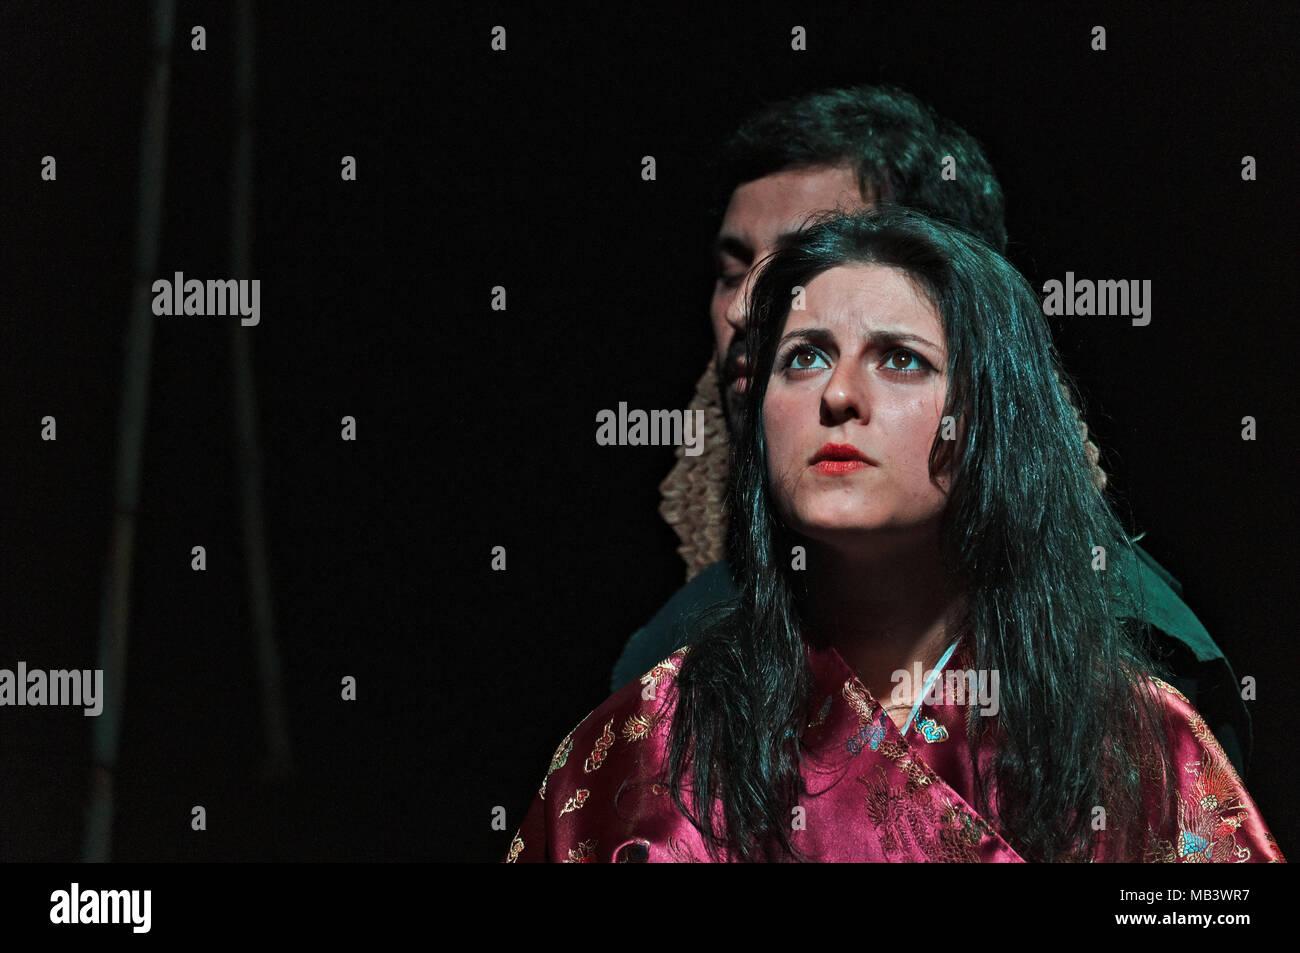 Obra teatral: simetria. Realizado por la Companhia de teatro contemporáneo en el Auditorio de Albufeira, Algarve, Portugal (27 de marzo de 2018) Foto de stock